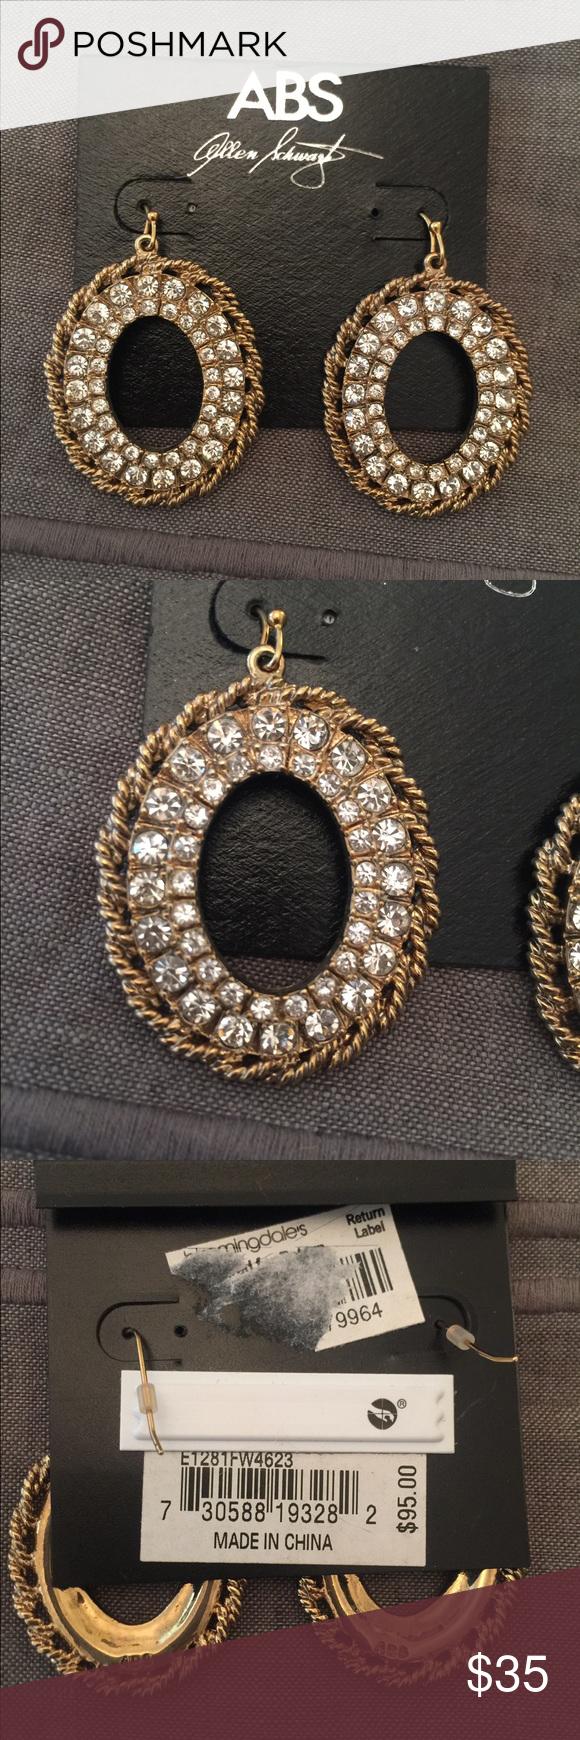 ABS Allen Schwartz Earrings Never worn. Paid $95 Steve Madden Jewelry Earrings